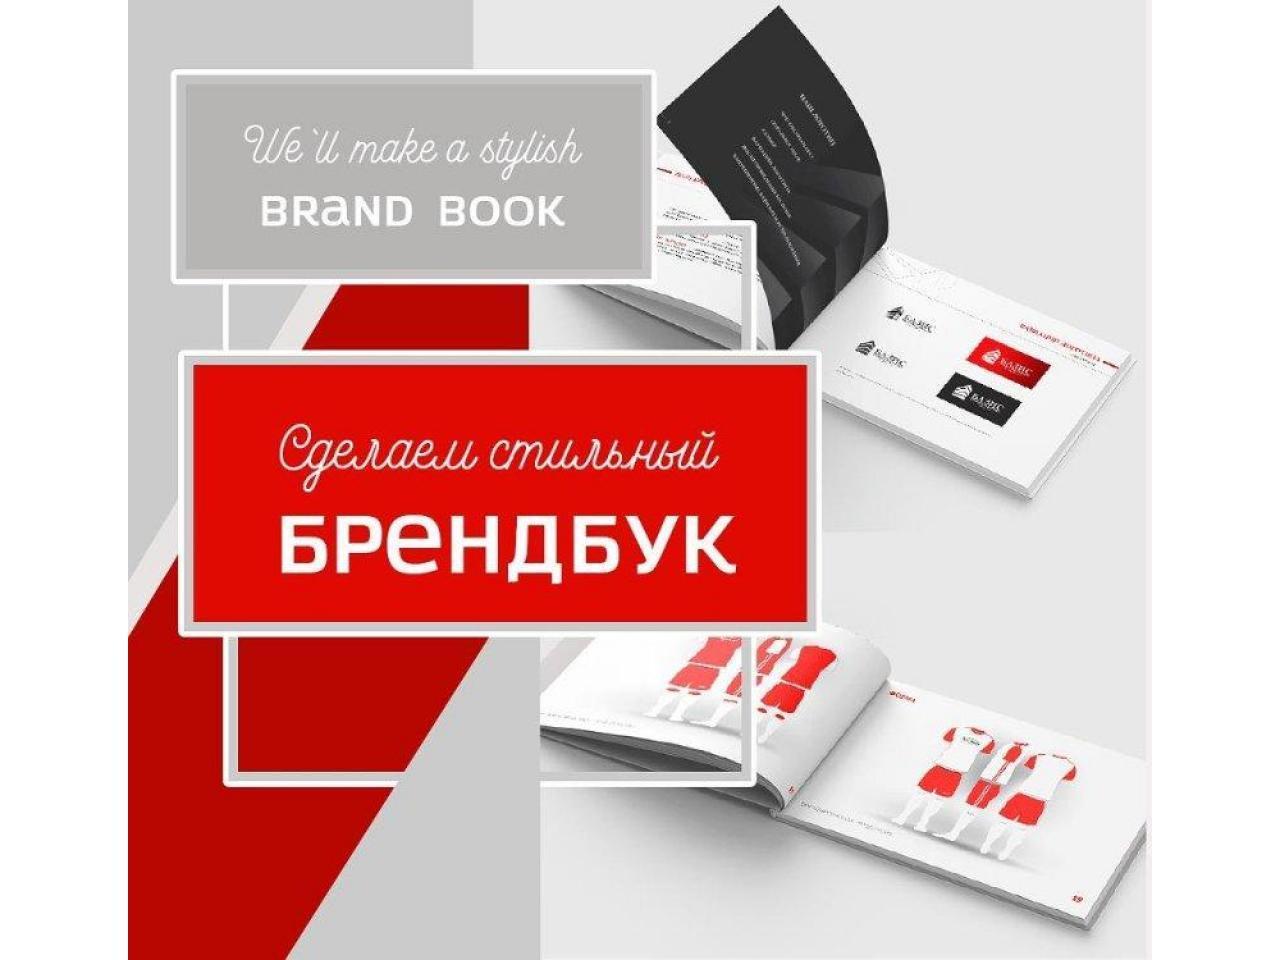 Дизайн услуги - 2